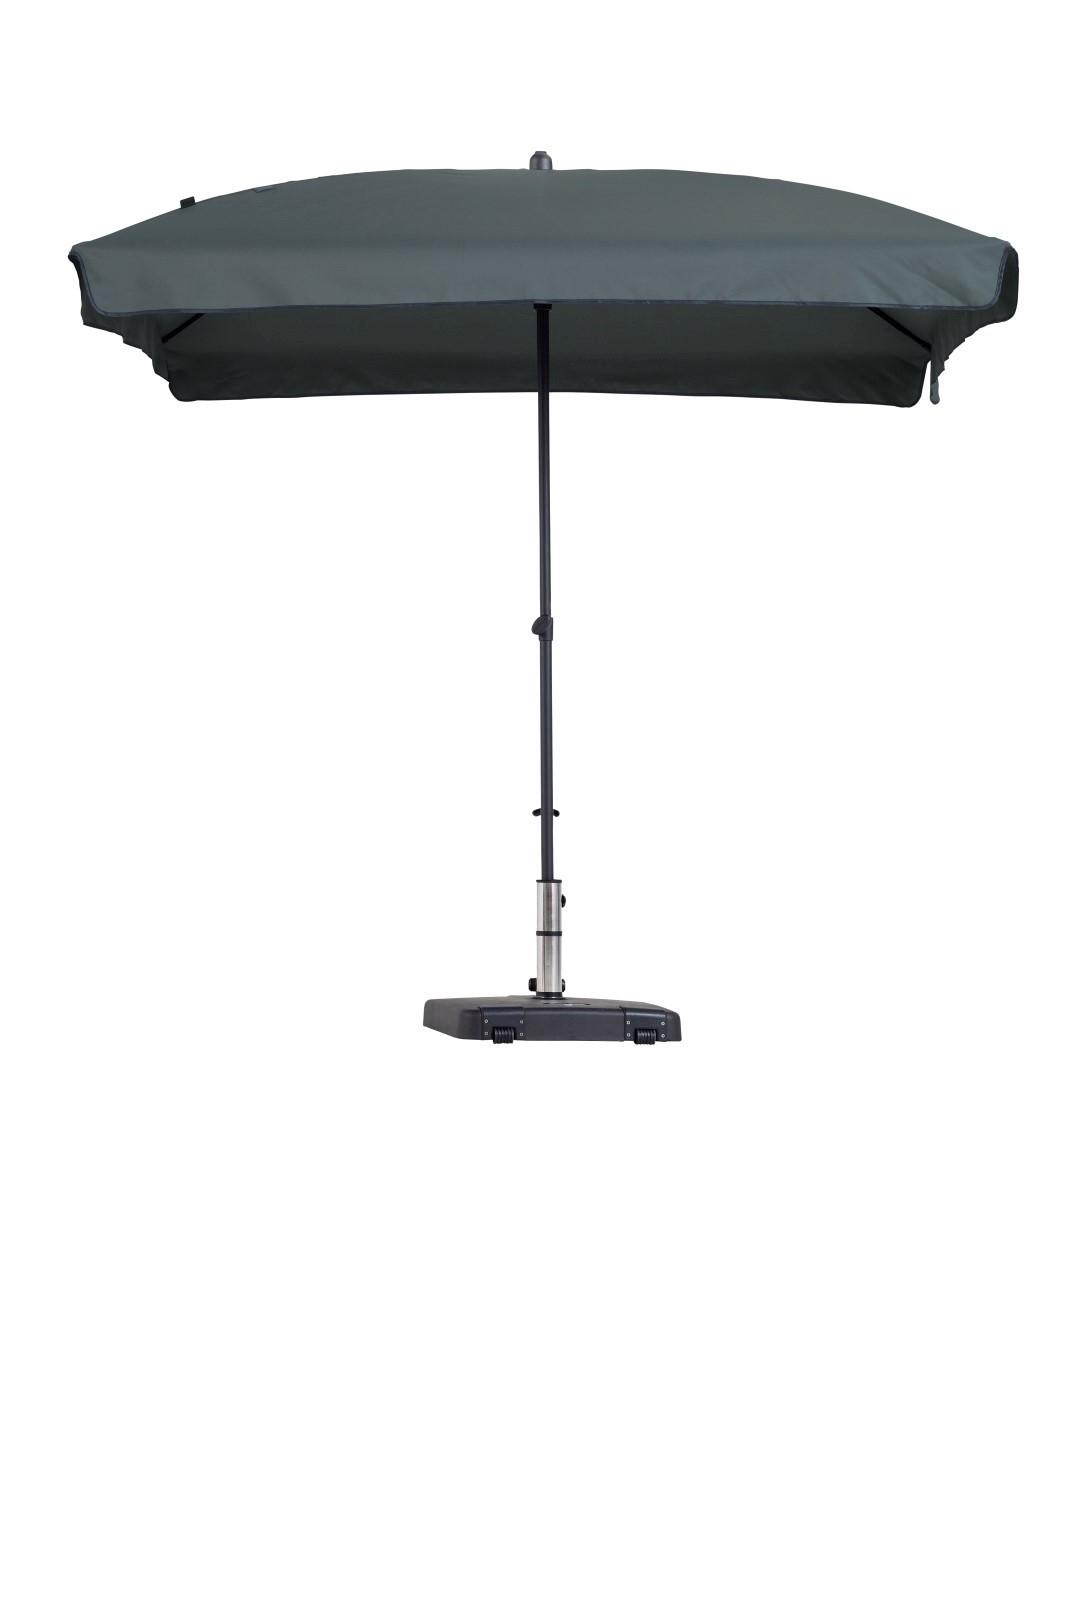 Patmos luxe 210x140 cm Polyester grey